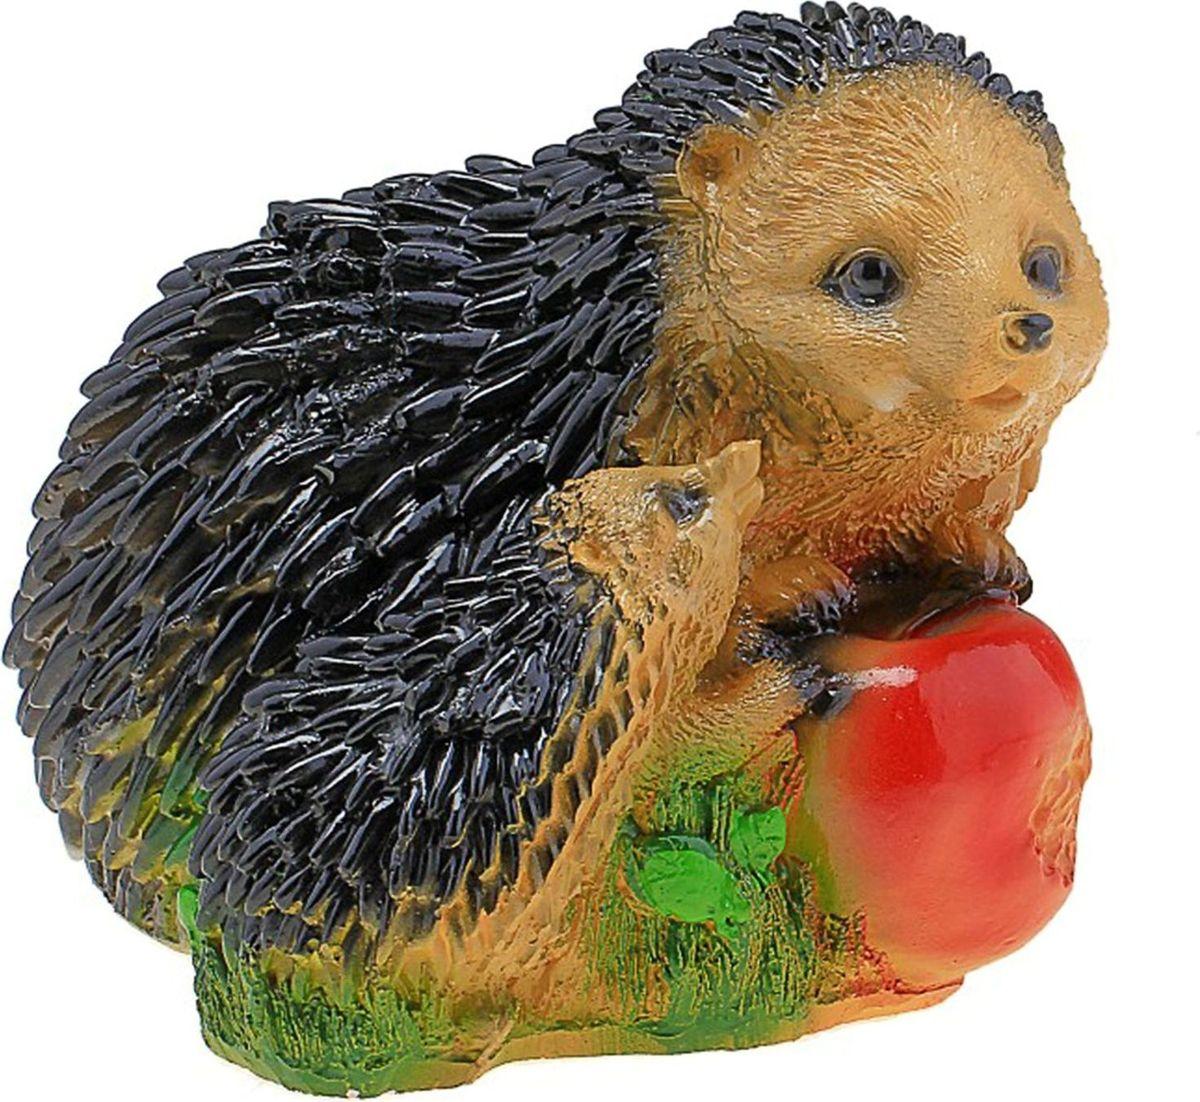 Фигура садовая Ежи с красным яблоком, 19 х 14 х 14 см524039ежики придадут саду уюта и очарования. Эти зверьки символизируют запасливость, поэтому непременно помогут вырастить и сохранить богатый урожай. Такой декор выгоднее всего смотрится в траве или под деревьями — в природных местах обитания животных. создаст солнечное настроение даже в пасмурный день и сделает дачный участок оригинальным. Дополните окружающее пространство необычной деталью.